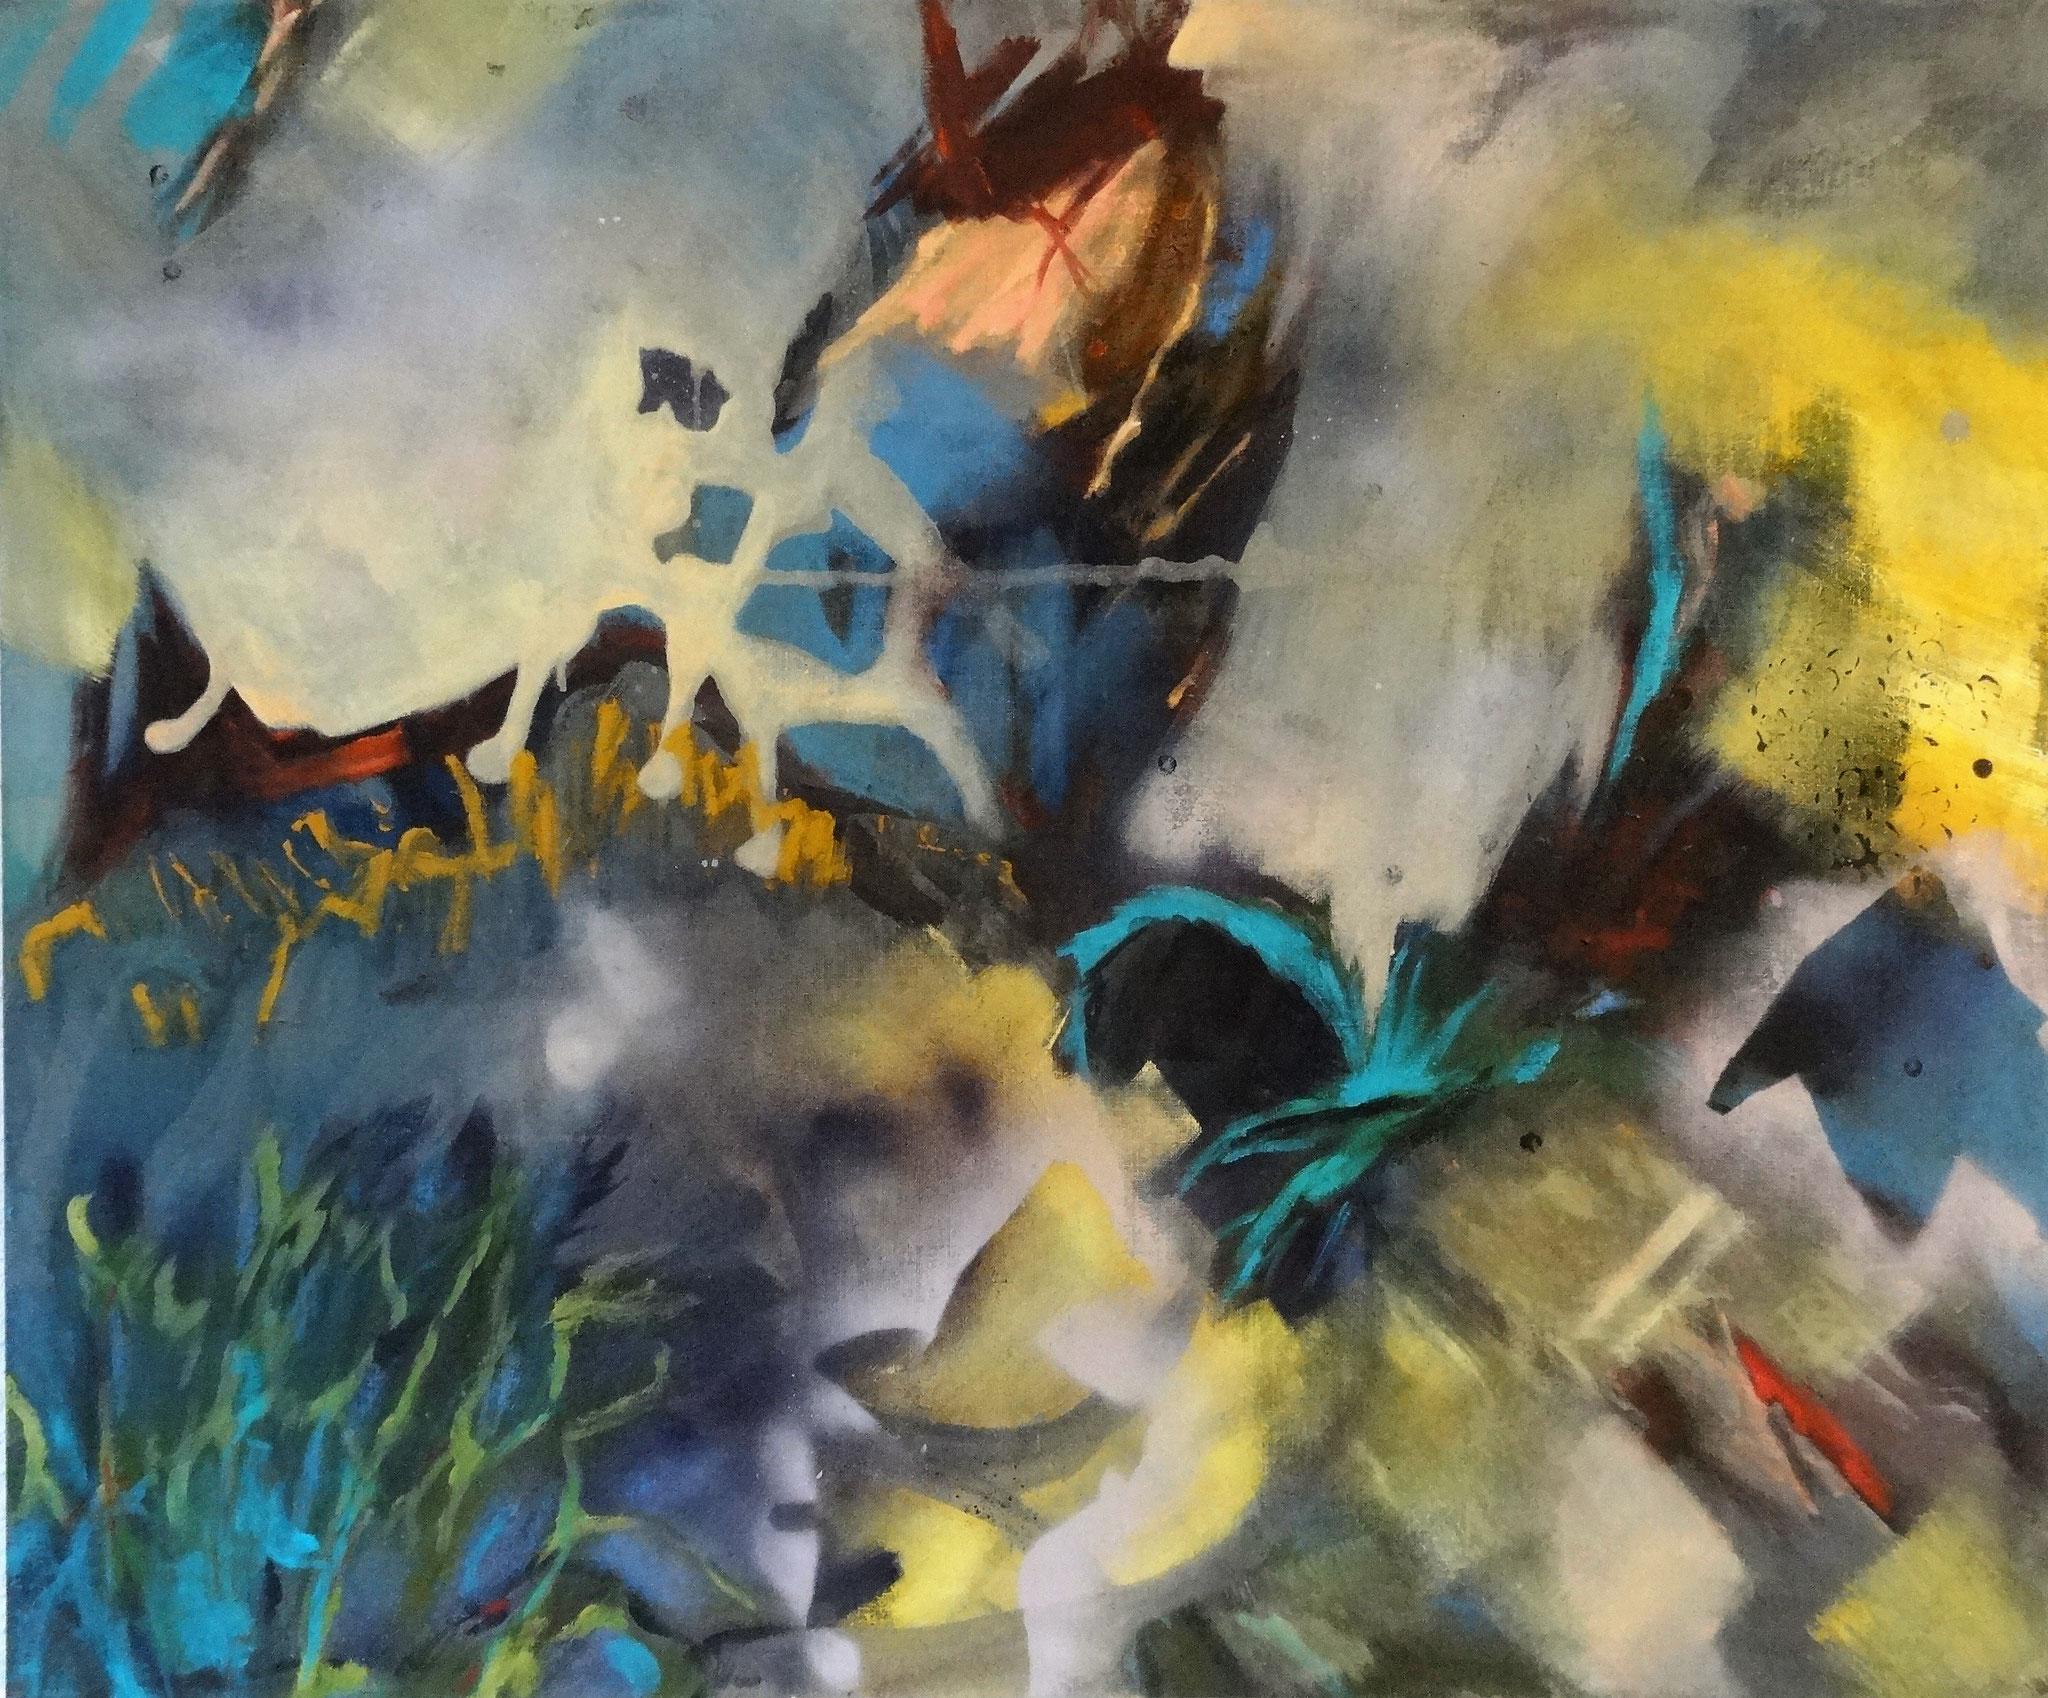 o.T, 2020, 100 x 120 cm, Acryl auf Nessel